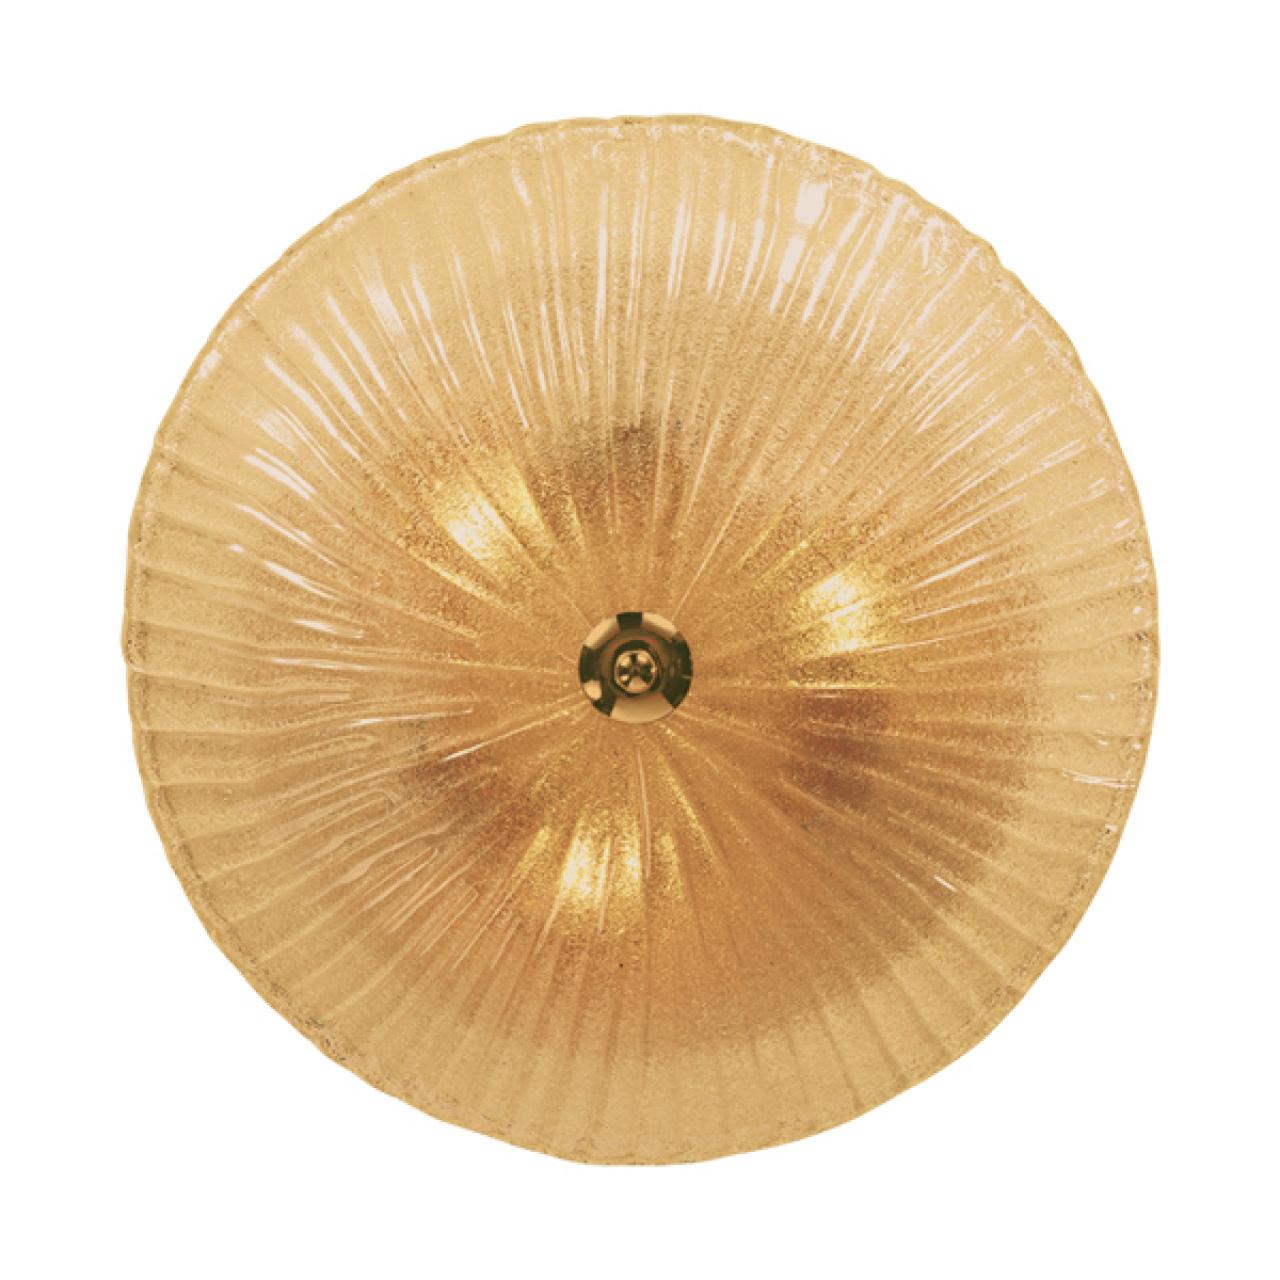 Плафон потолочный Zucche 3х60W E27 янтарь Lightstar 820833